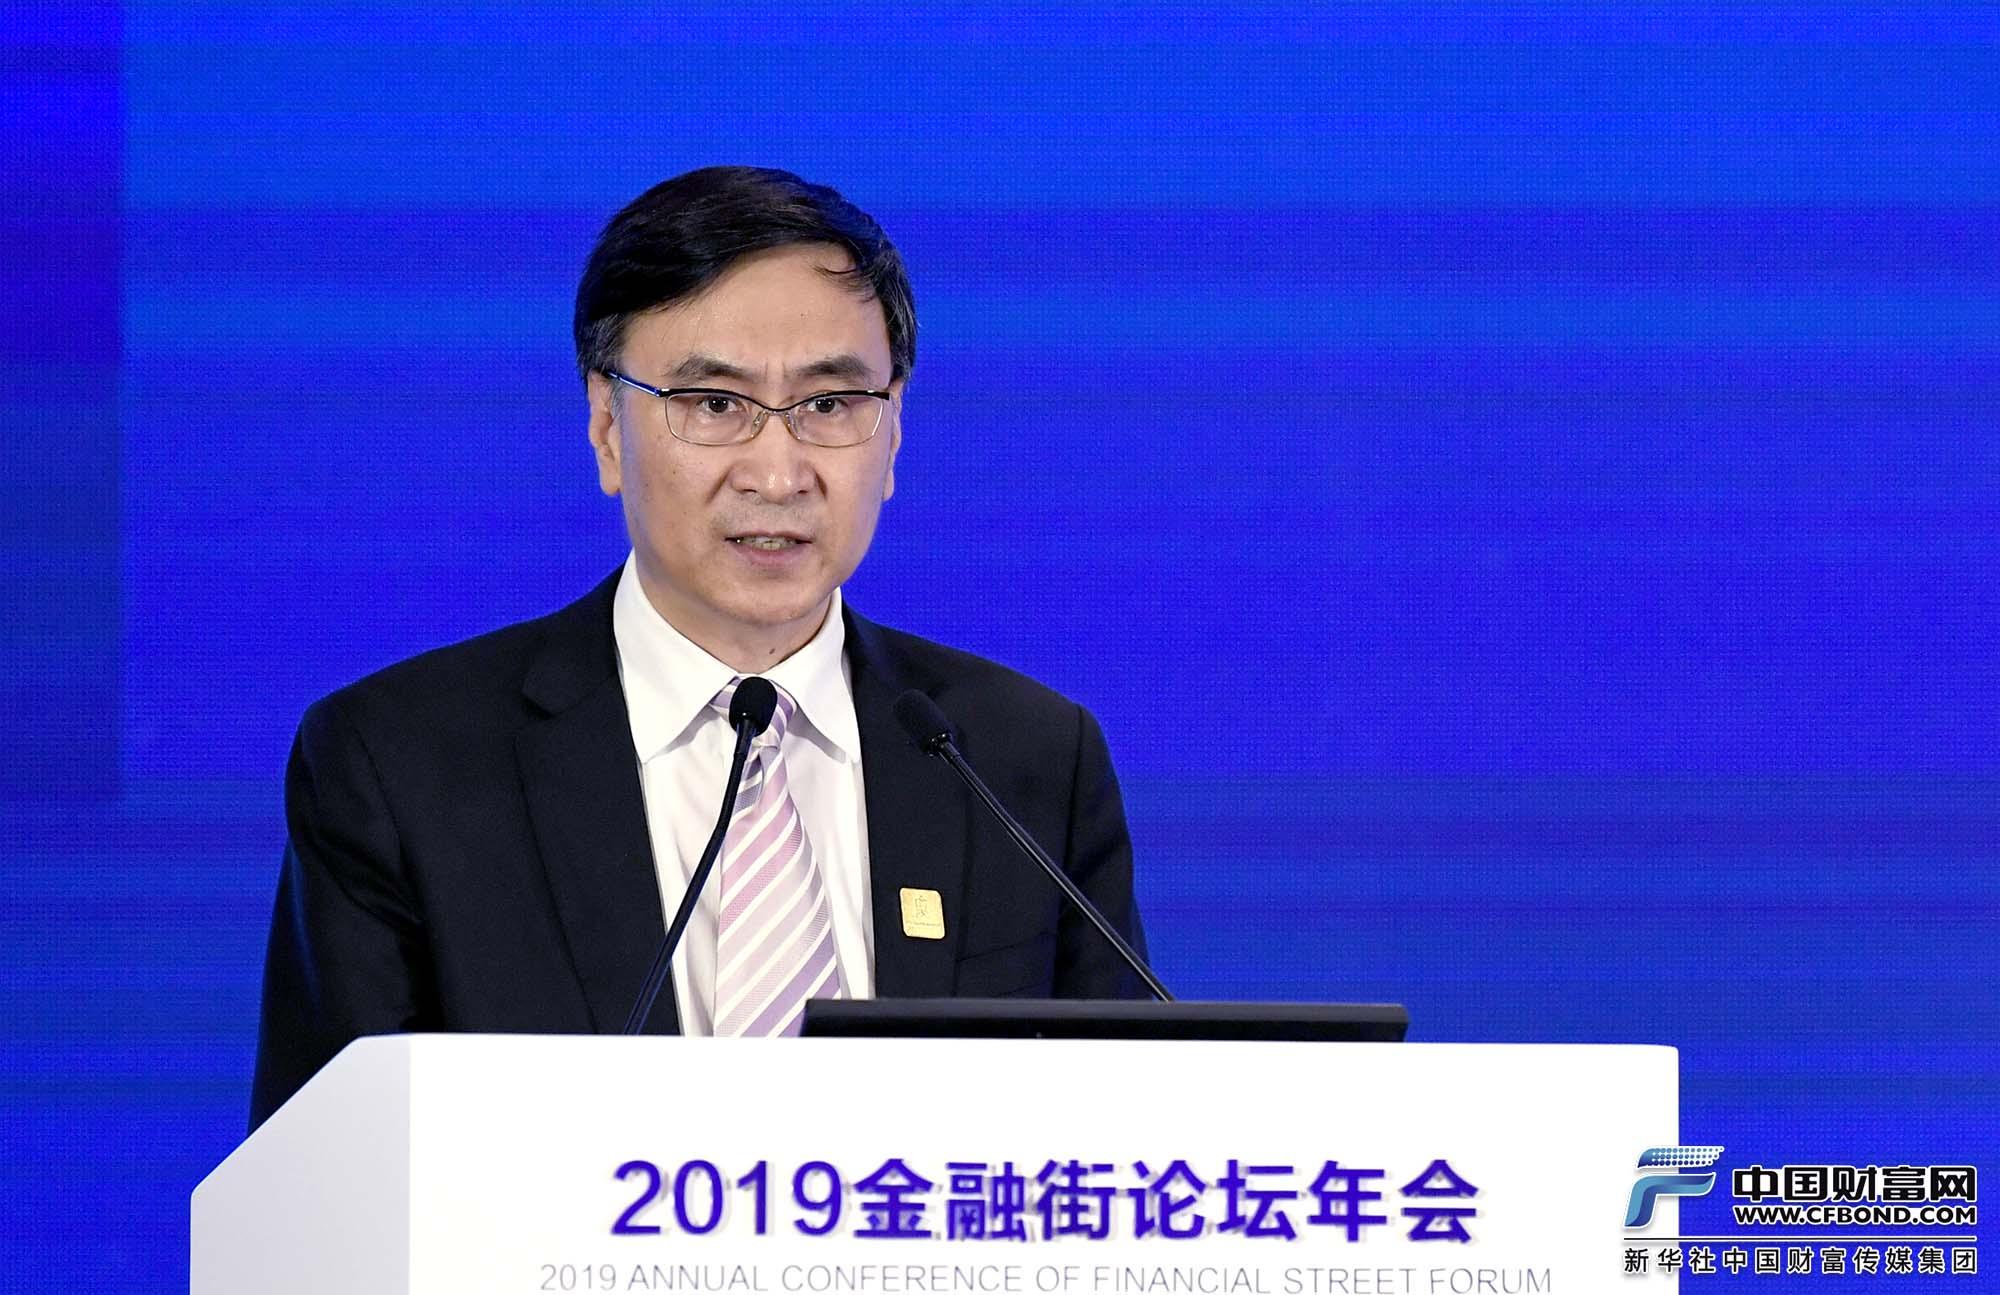 中国建设银行信息总监金磐石